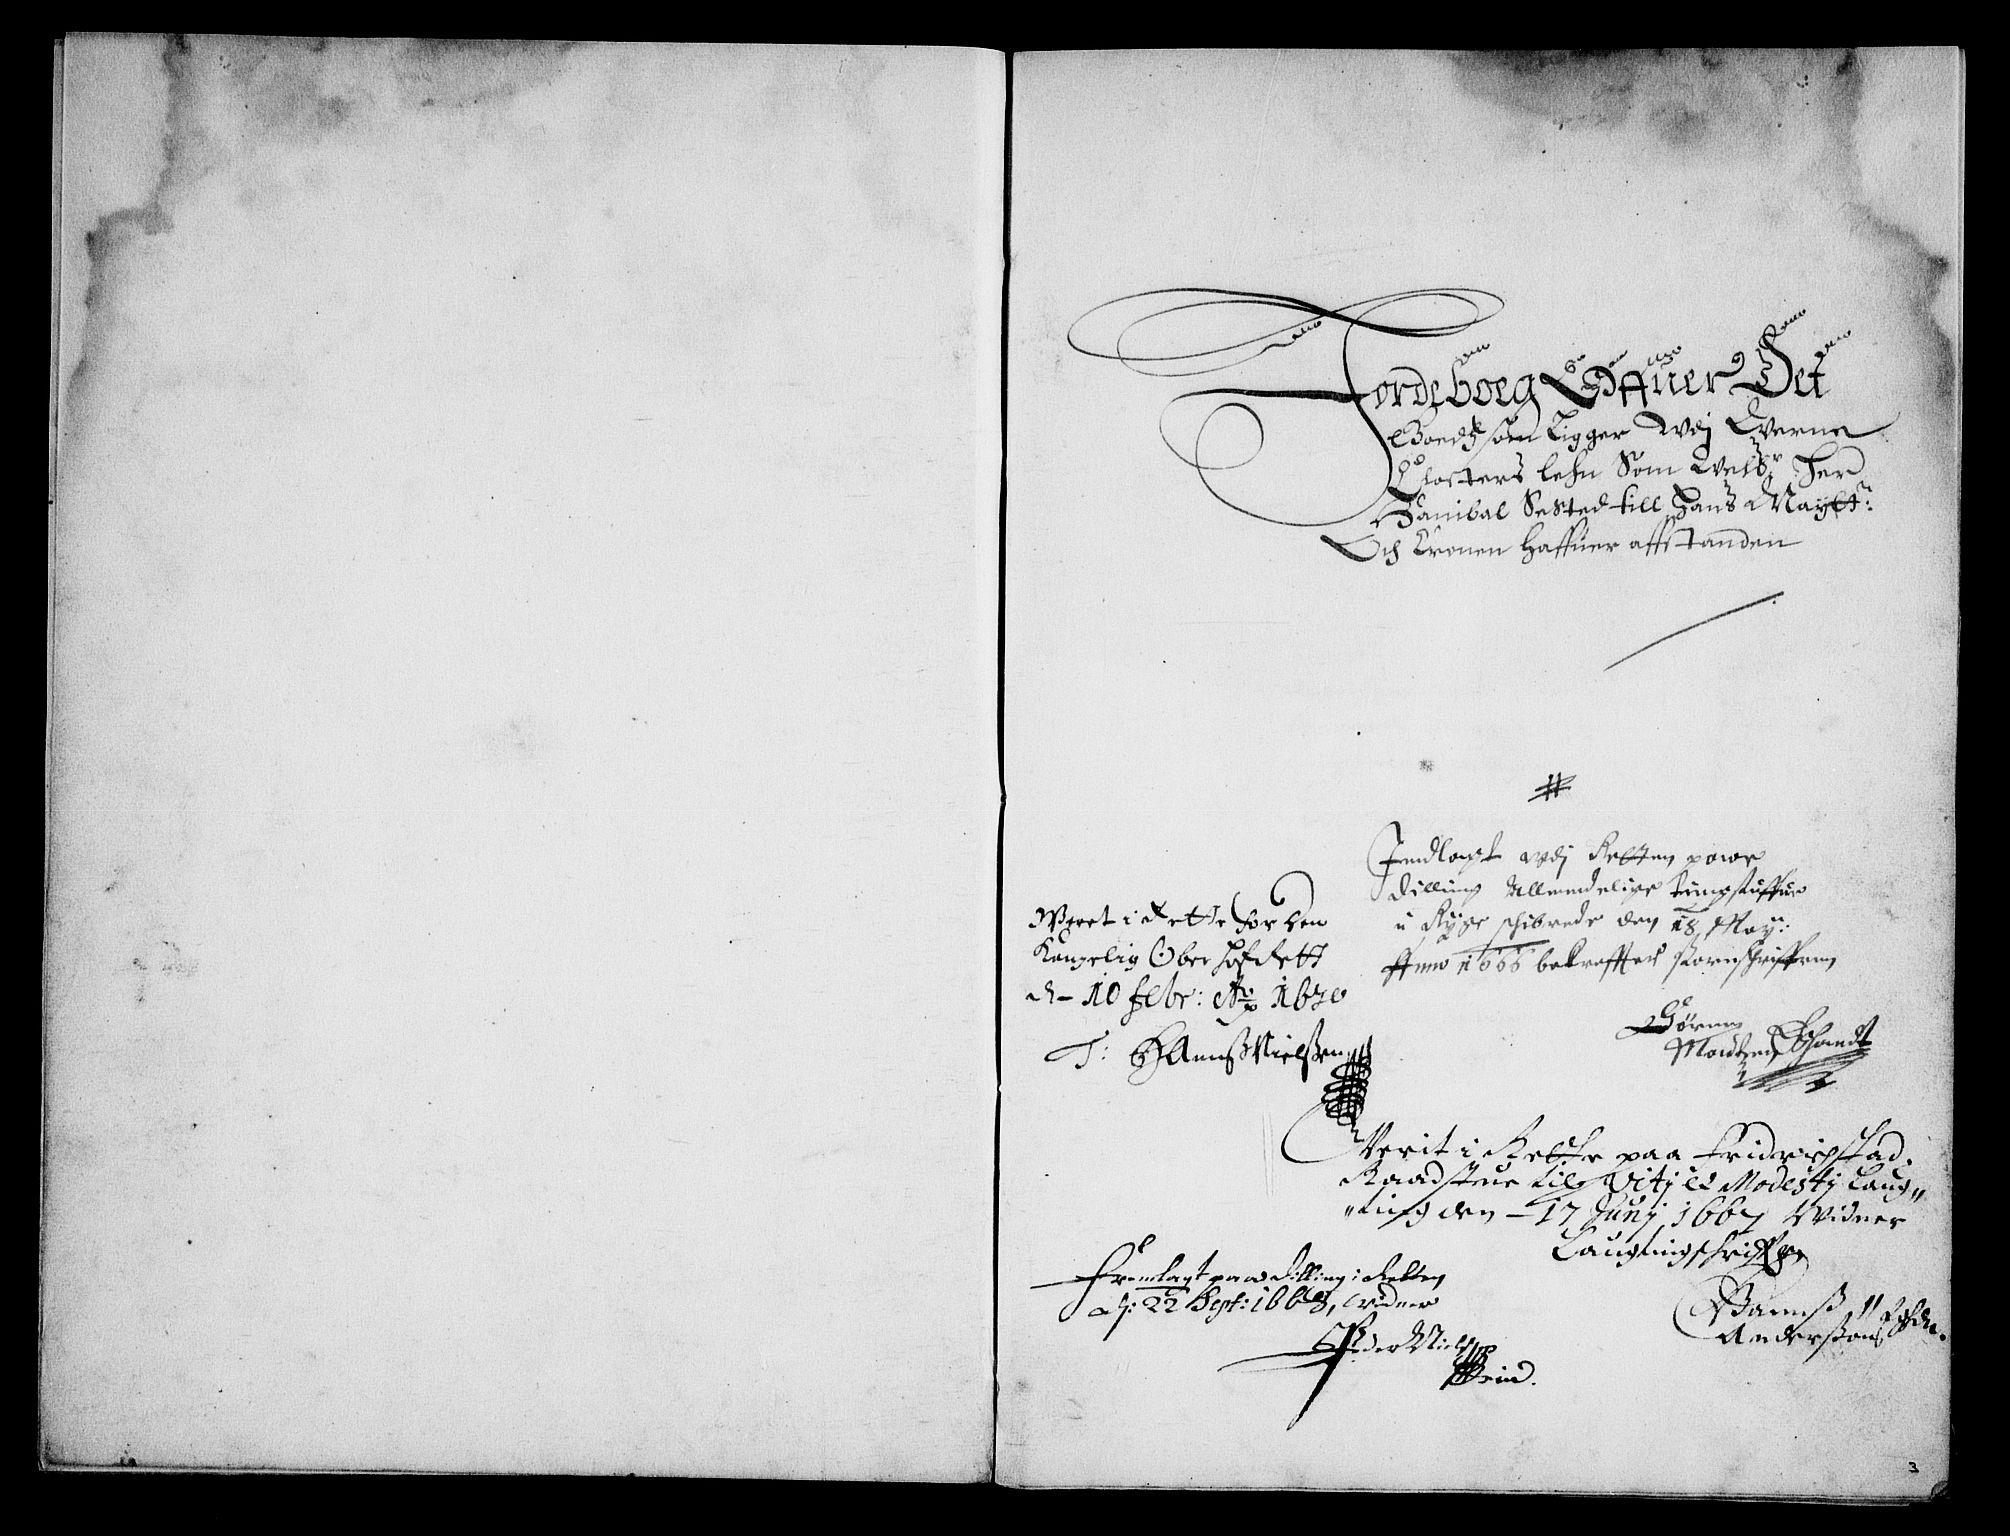 RA, Rentekammeret inntil 1814, Realistisk ordnet avdeling, On/L0007: [Jj 8]: Jordebøker og dokumenter innlevert til kongelig kommisjon 1672: Verne klosters gods, 1658-1672, s. 135